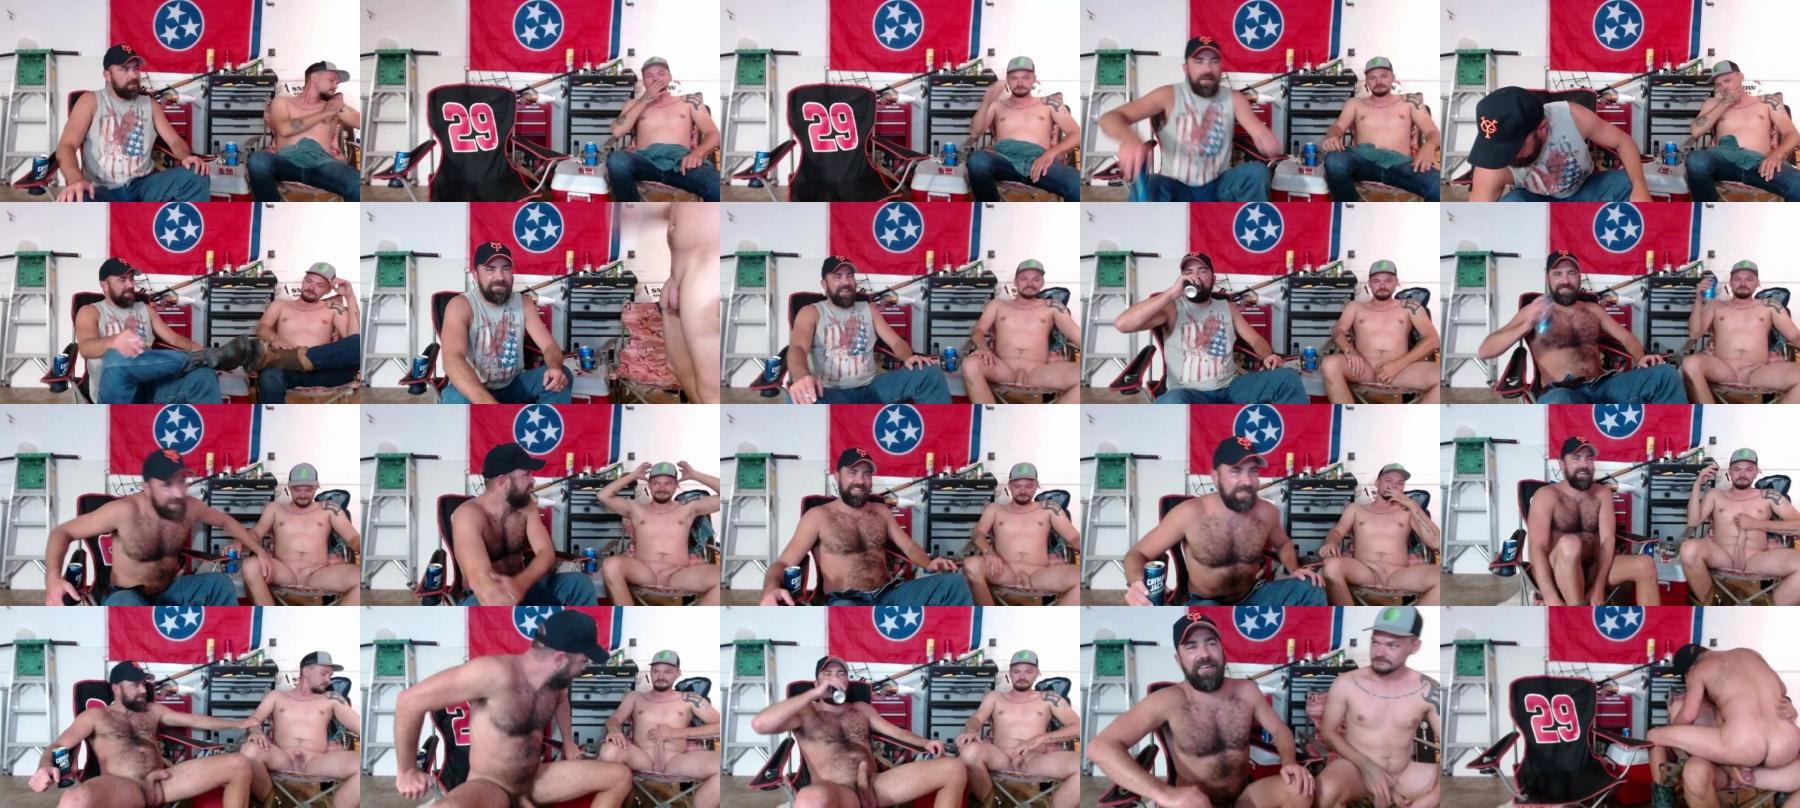 Hardworkertn Chaturbate 18-09-2021 video big ass